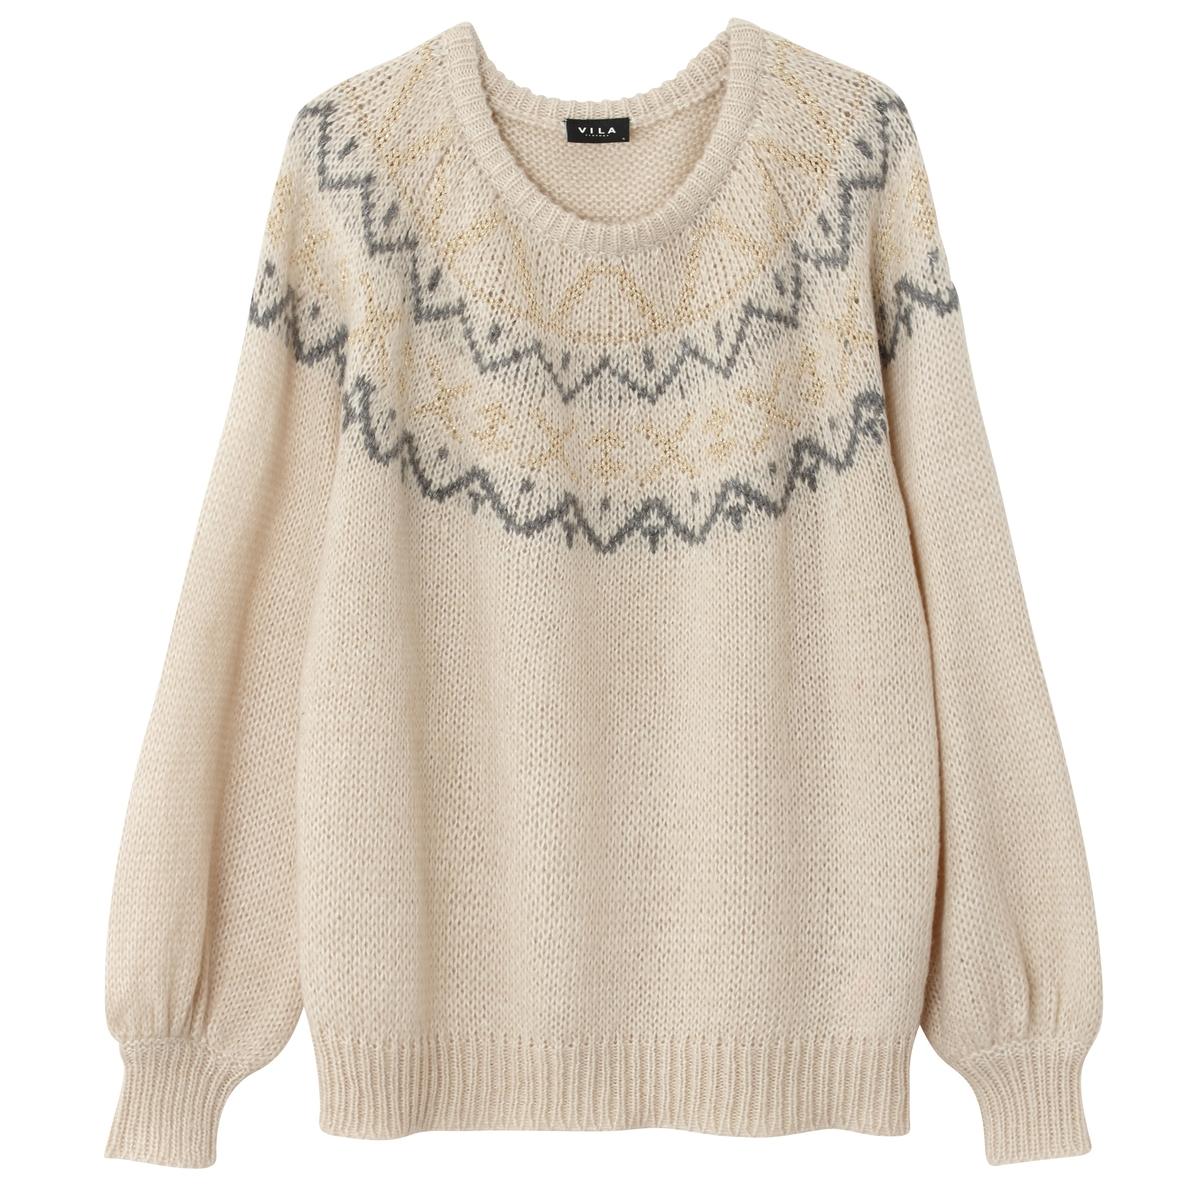 Пуловер с круглым вырезом из полиуретанаМатериал : 5% шерсти, 53% акрила, 5% альпаки, 2% металлизированных волоконДлина рукава : Длинные рукава   Форма воротника : Круглый вырез   Покрой пуловера : стандартный Рисунок : Однотонная модель<br><br>Цвет: экрю<br>Размер: L.S